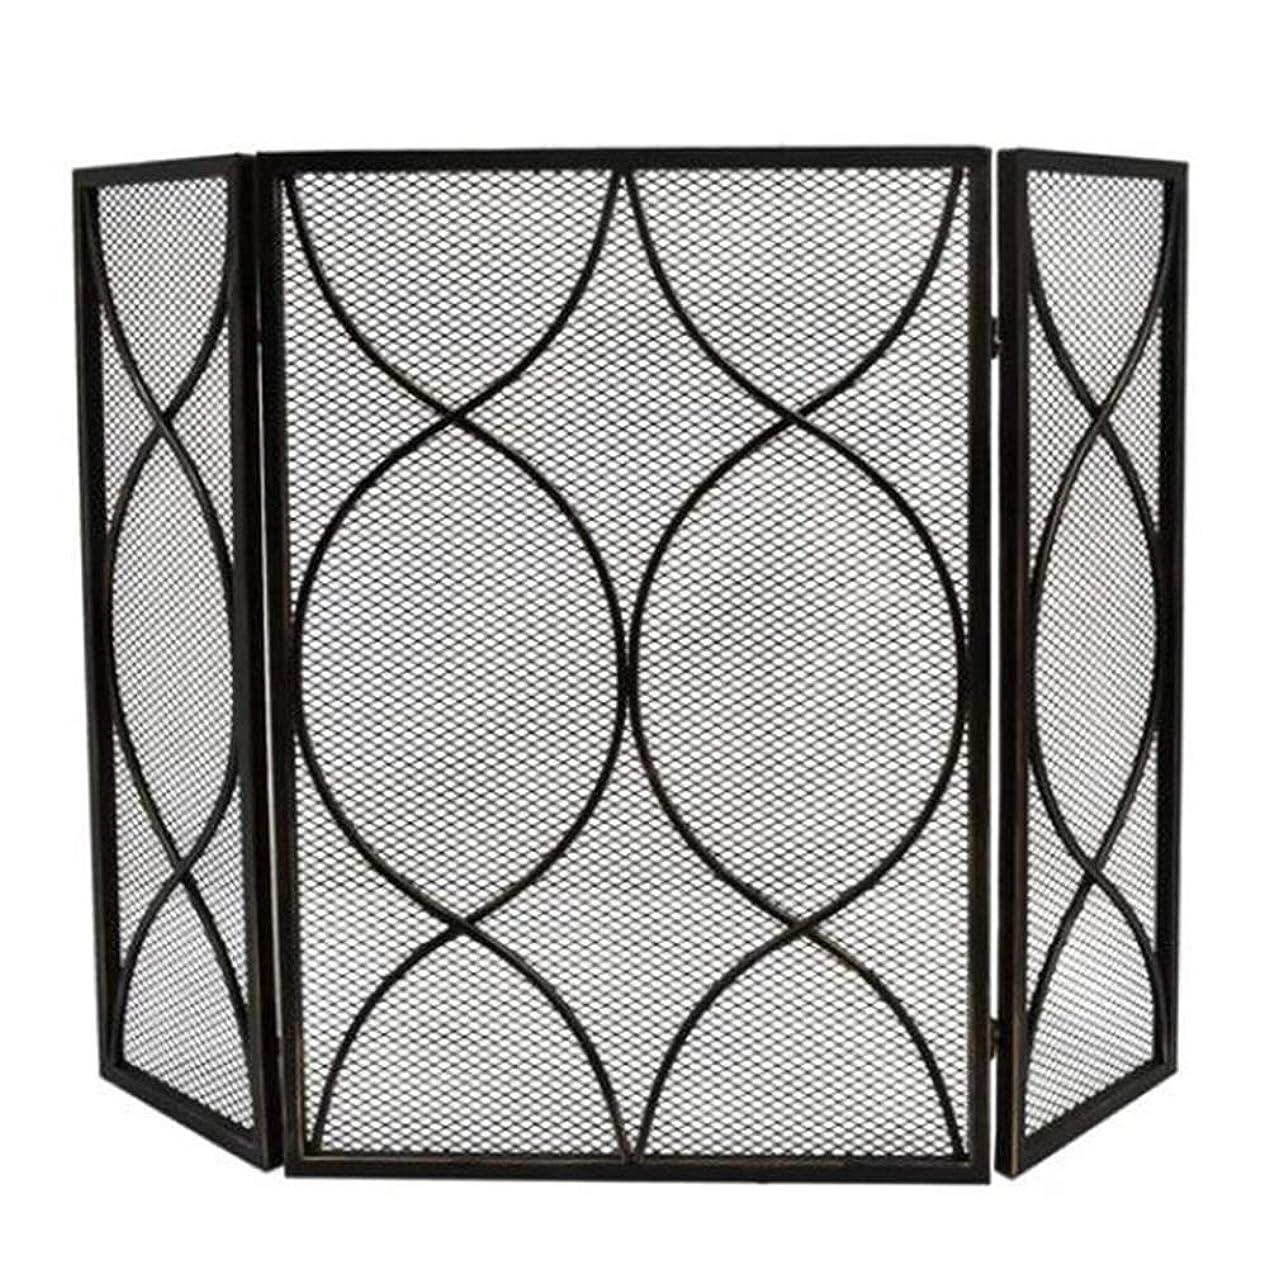 オーナー赤面旅客暖炉スクリーン 折り畳み 暖炉スクリーン 3パネル フラットガード 金属メッシュカバー付き - リビングルーム 赤ちゃん 安全な暖炉フェンス スパークガード、 ブラック (Color : Black)